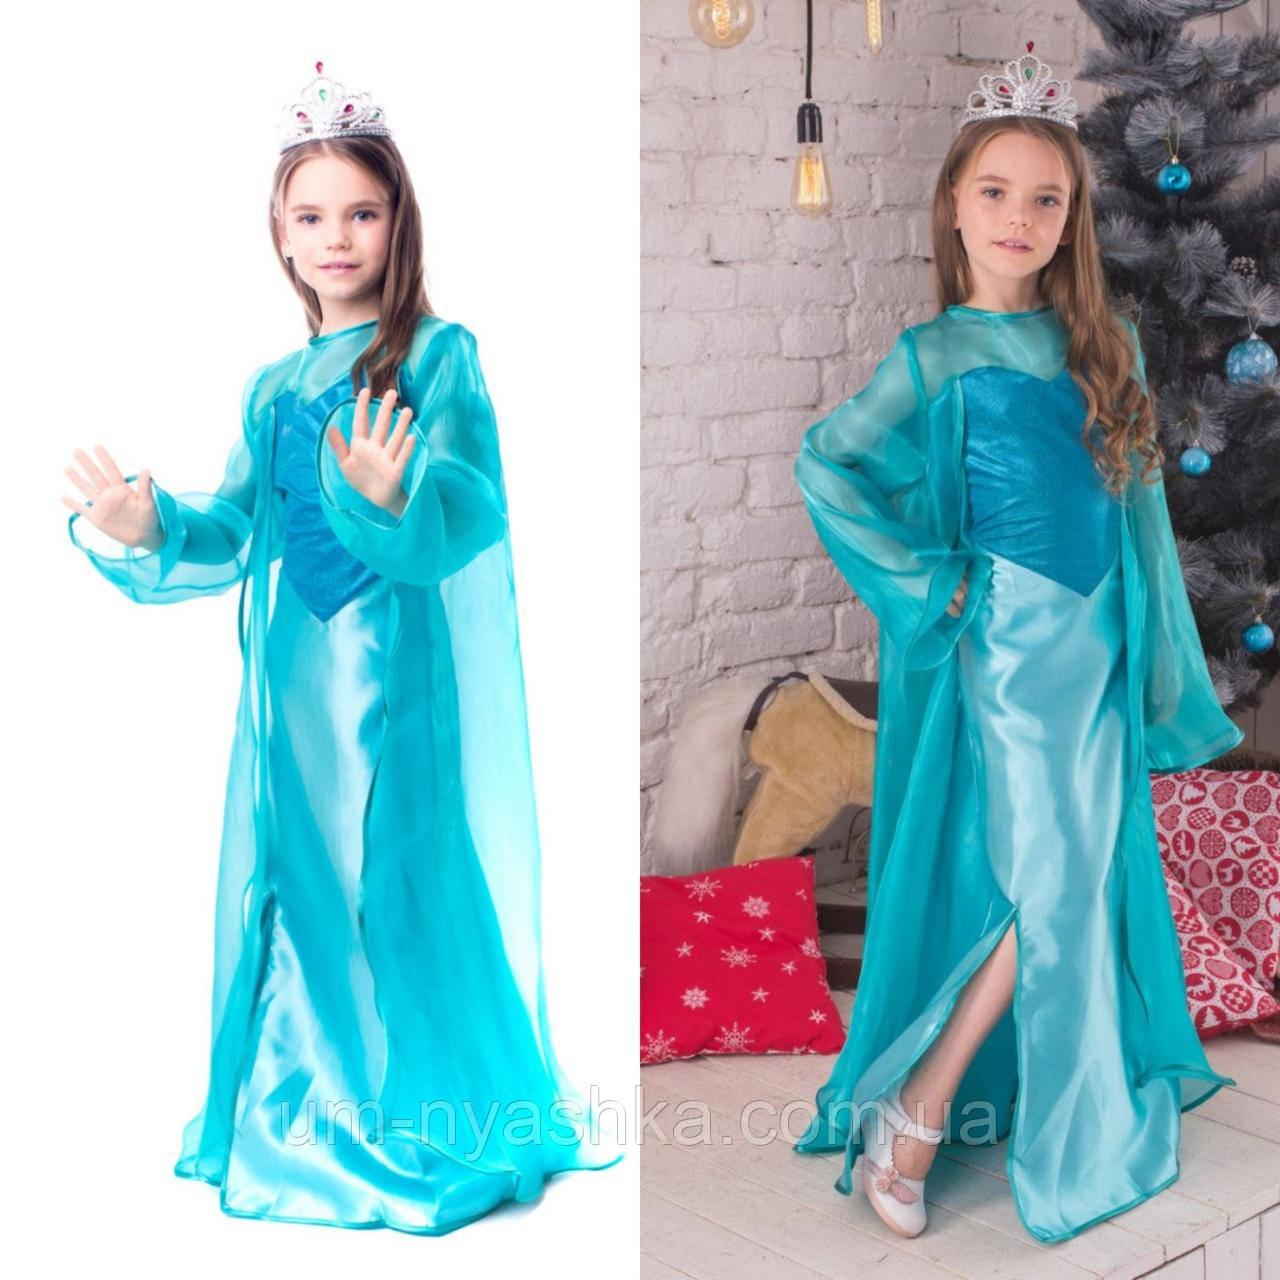 Платье принцессы Эльзы Фрозен Холодное сердце